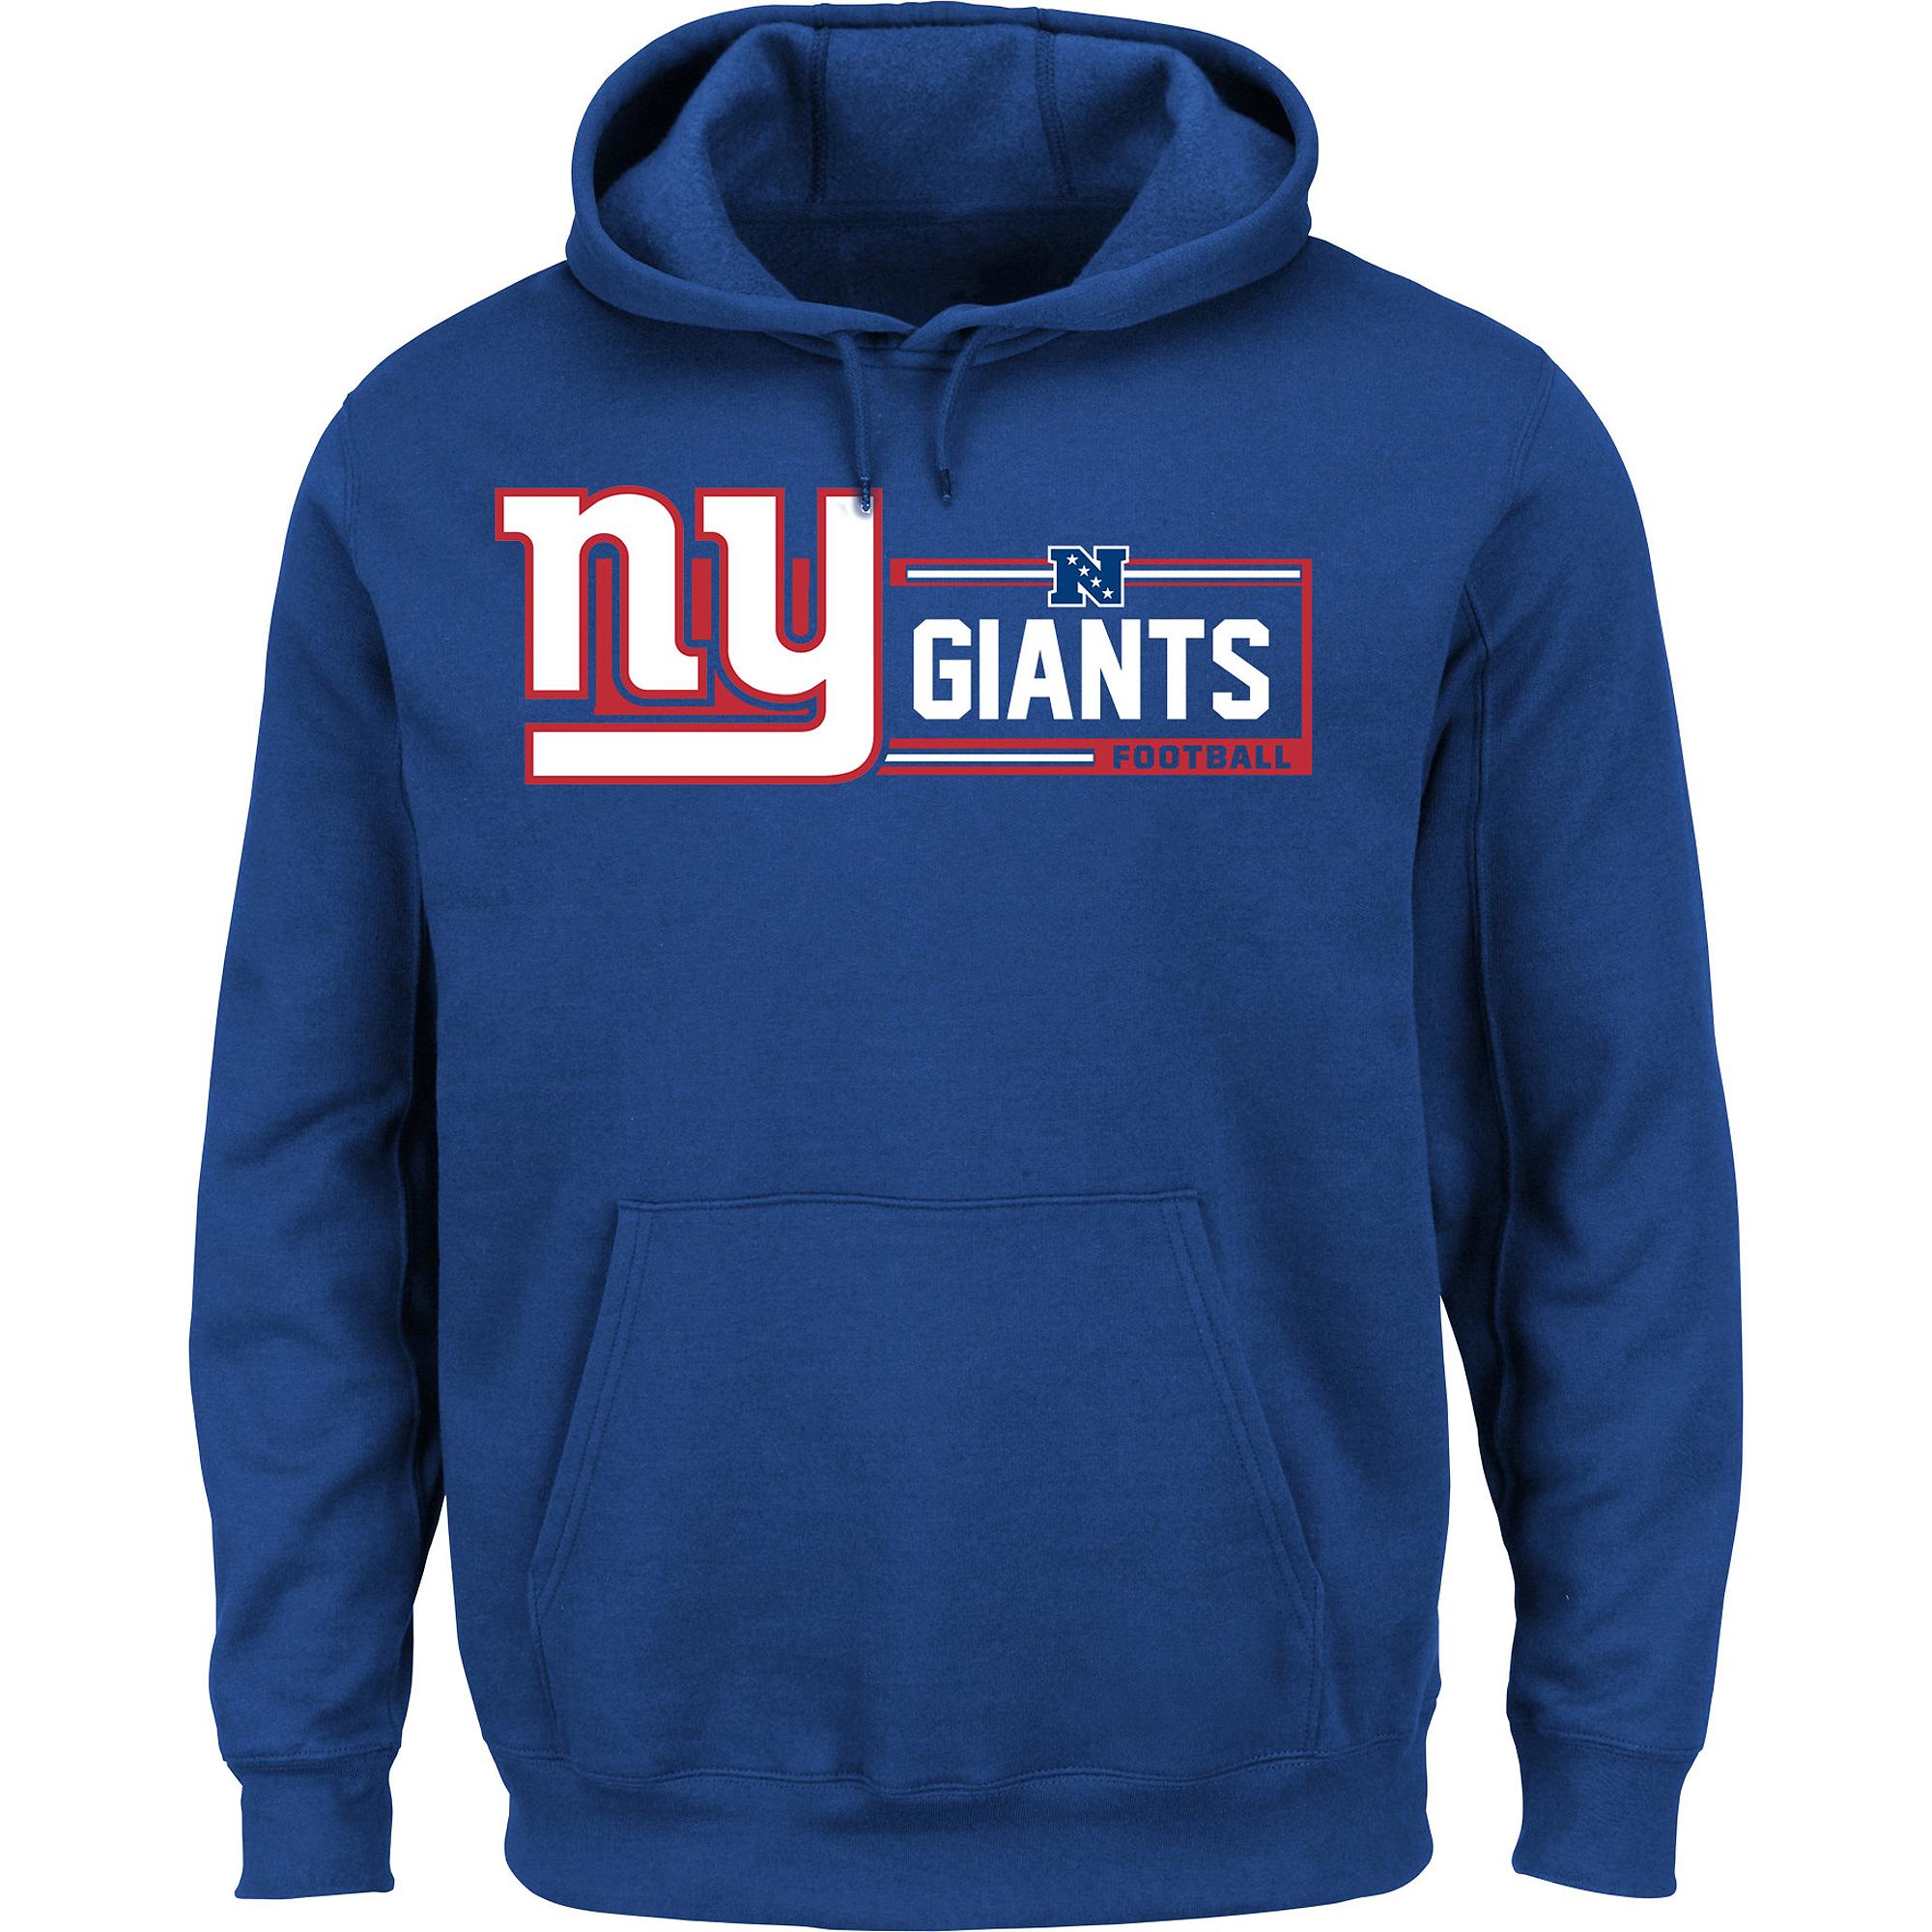 Men\'s NFL New York Giants Hooded Sweatshirt - Walmart.com